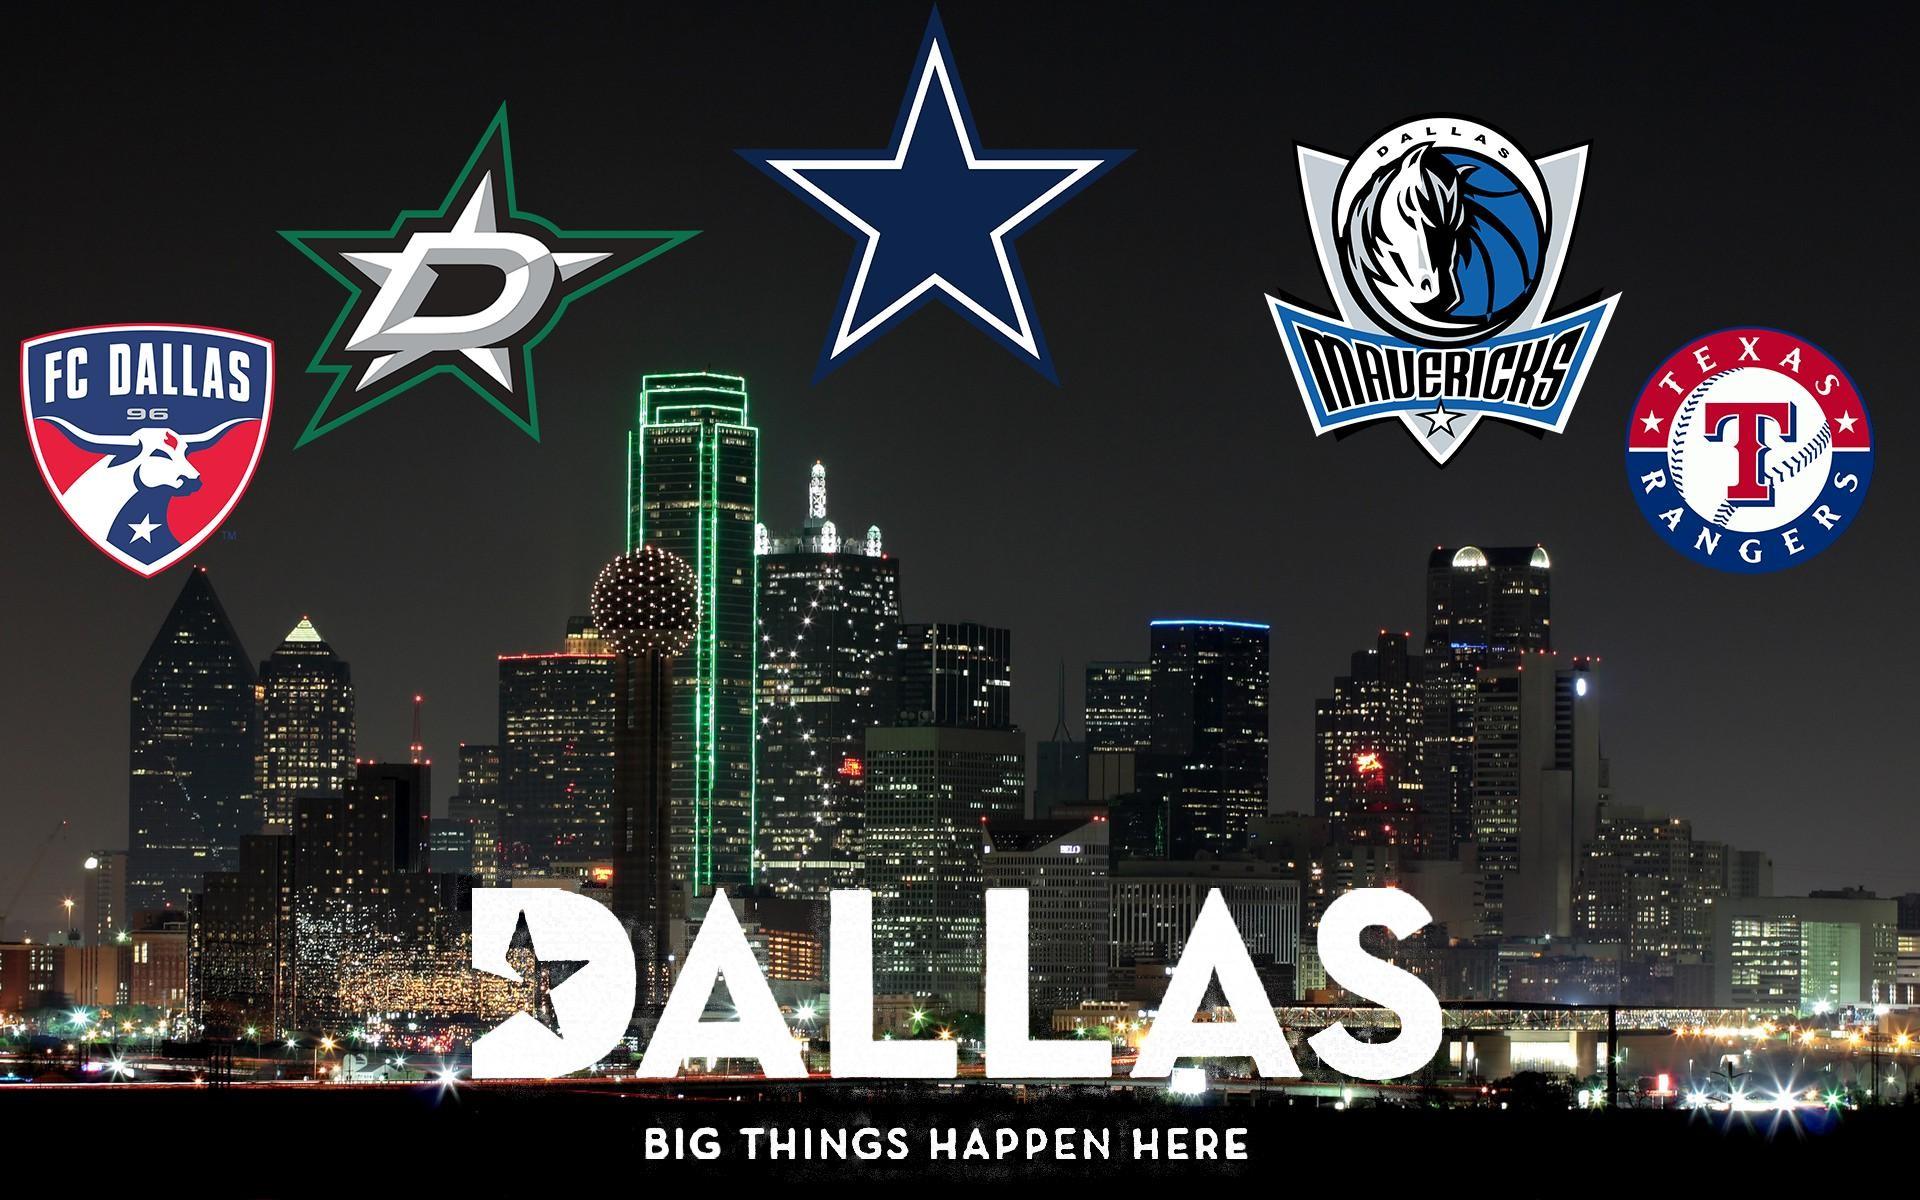 Dallas Wallpaper featuring Major Sports Teams …